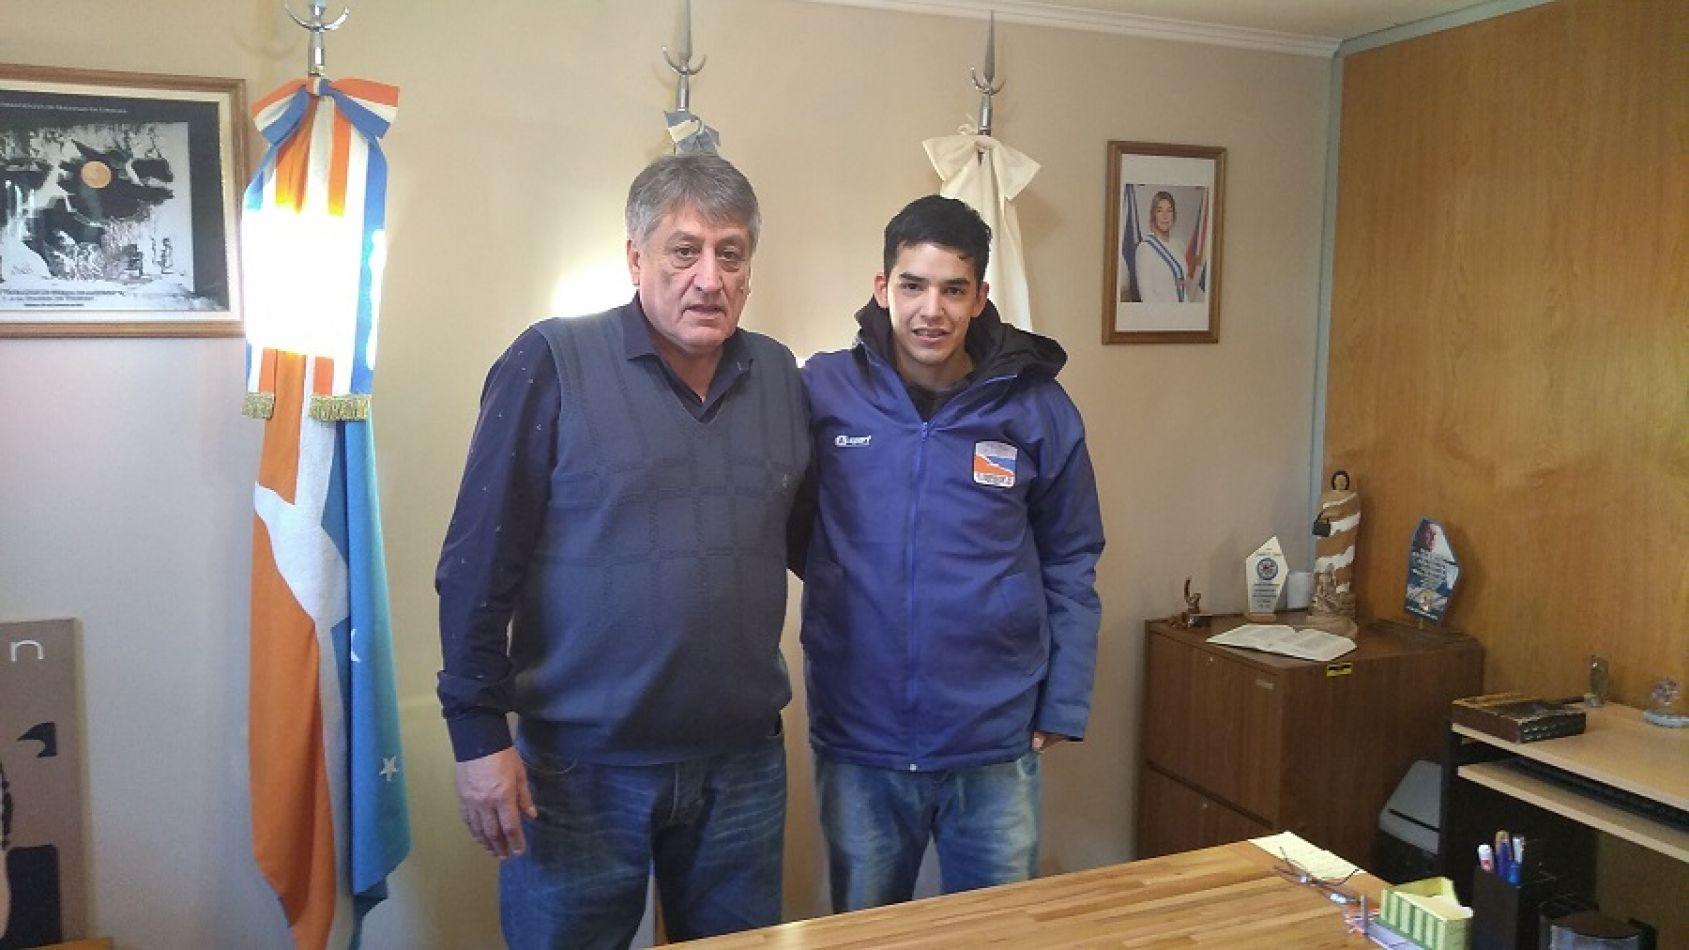 El intendente de la ciudad de Tolhuin Claudio Queno recibió a Gabriel Cejas